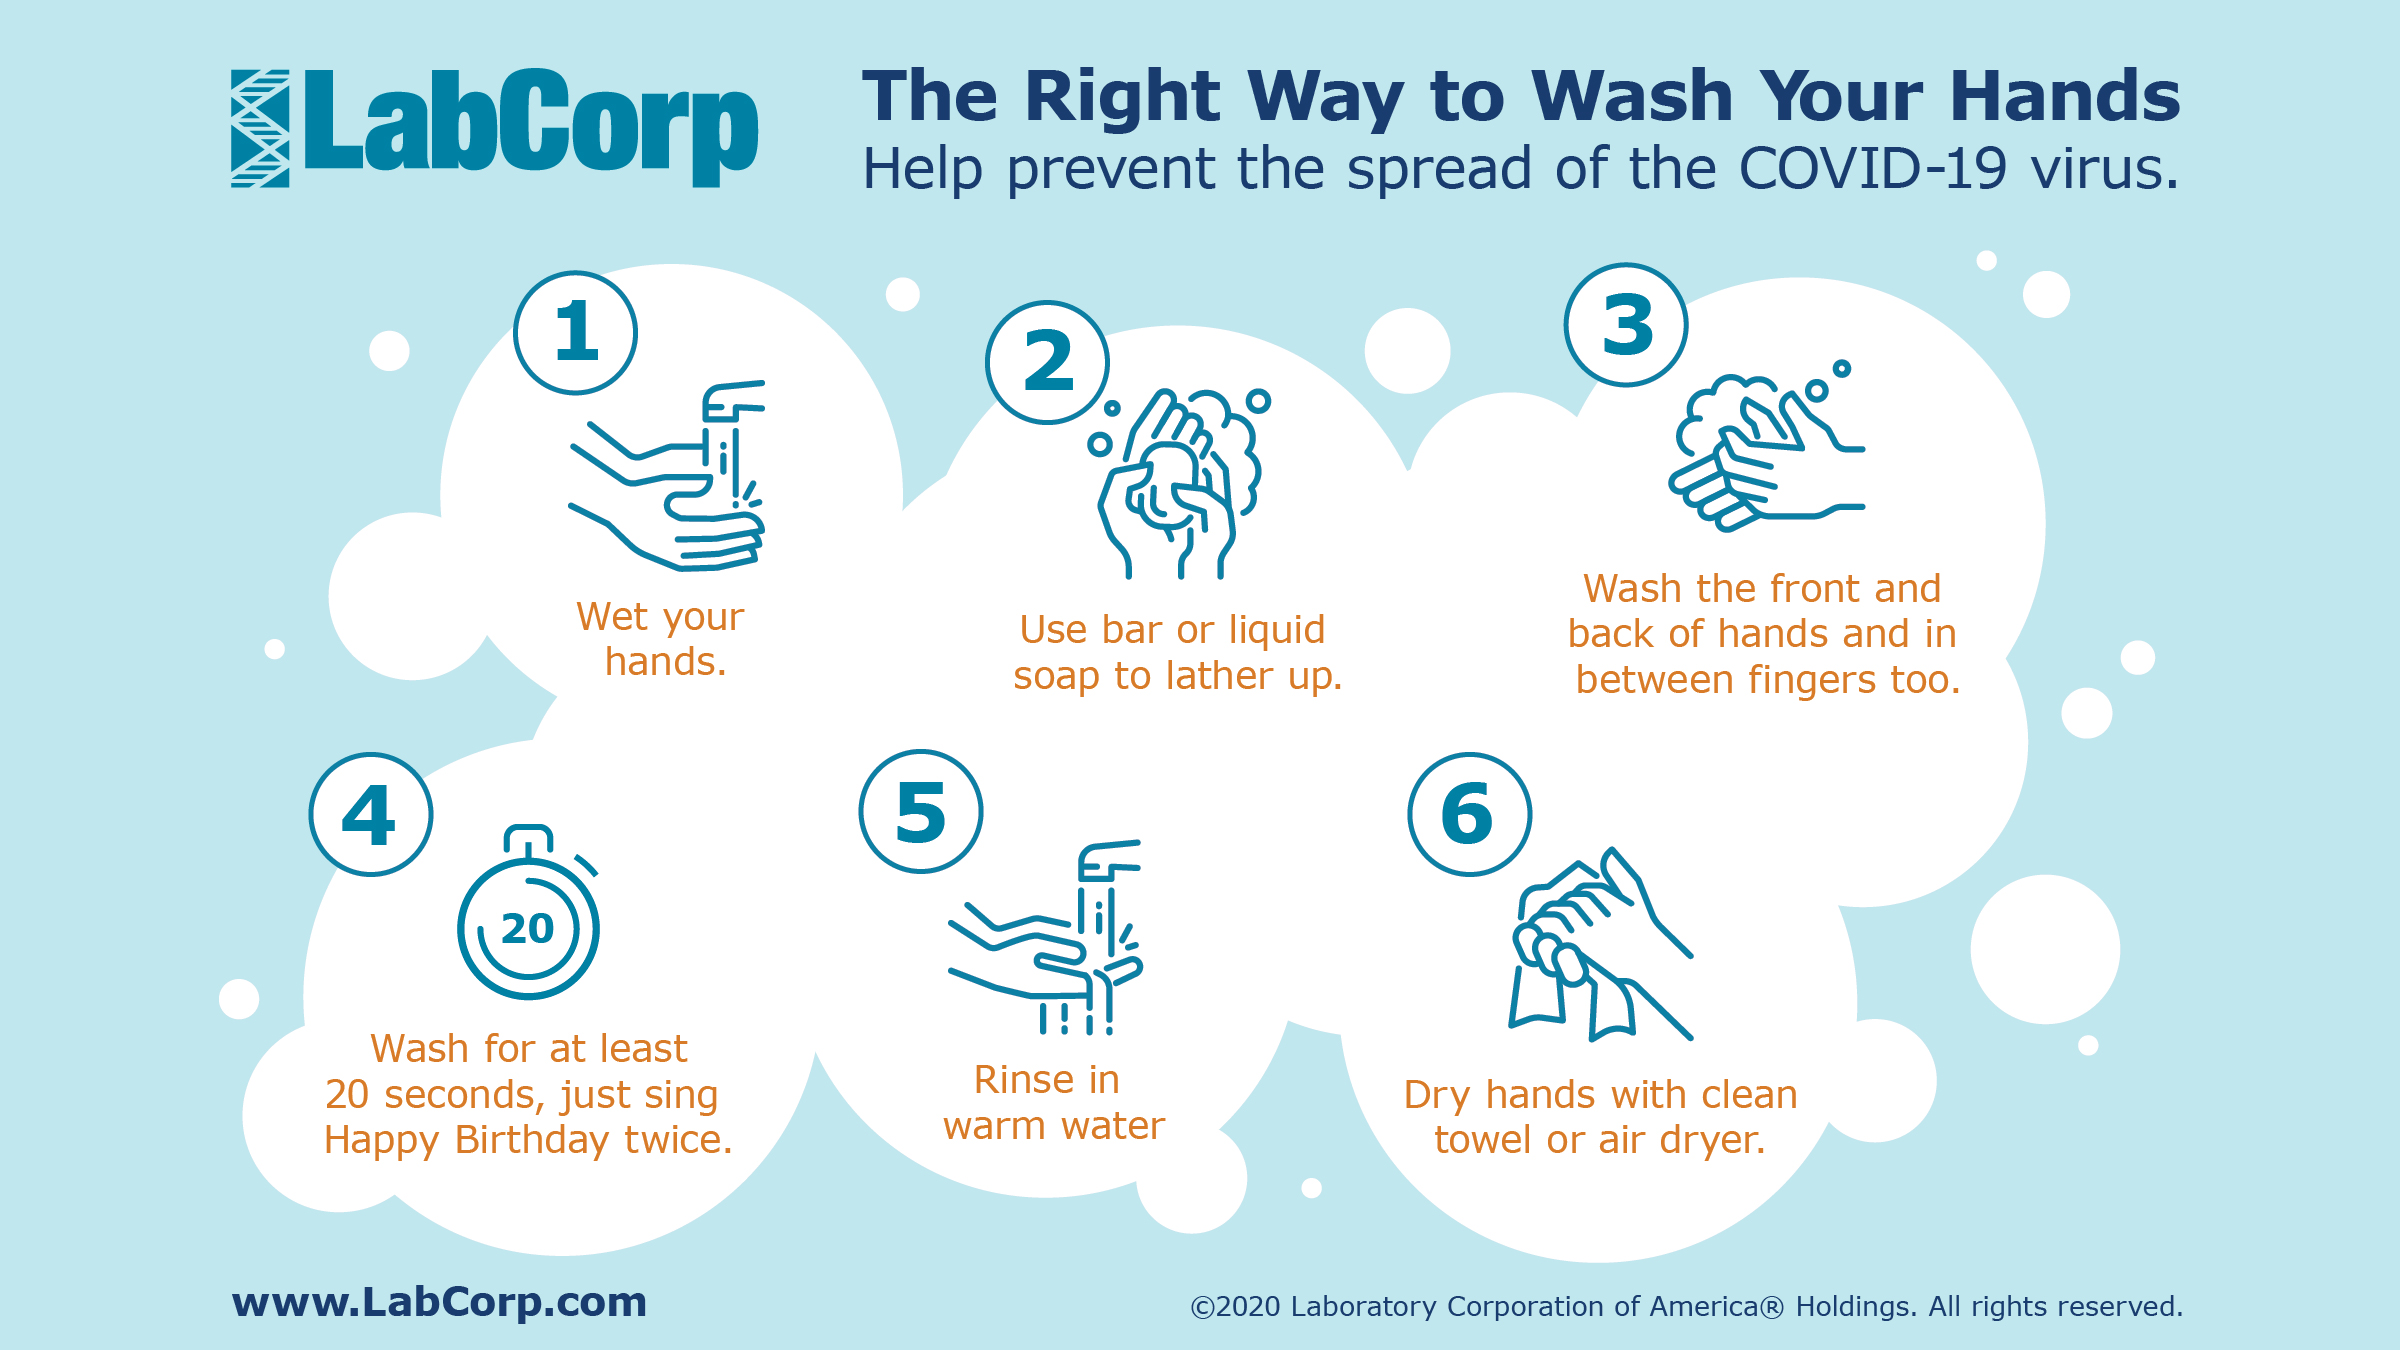 LabCorp Coronavirus Hand Washing Infographic